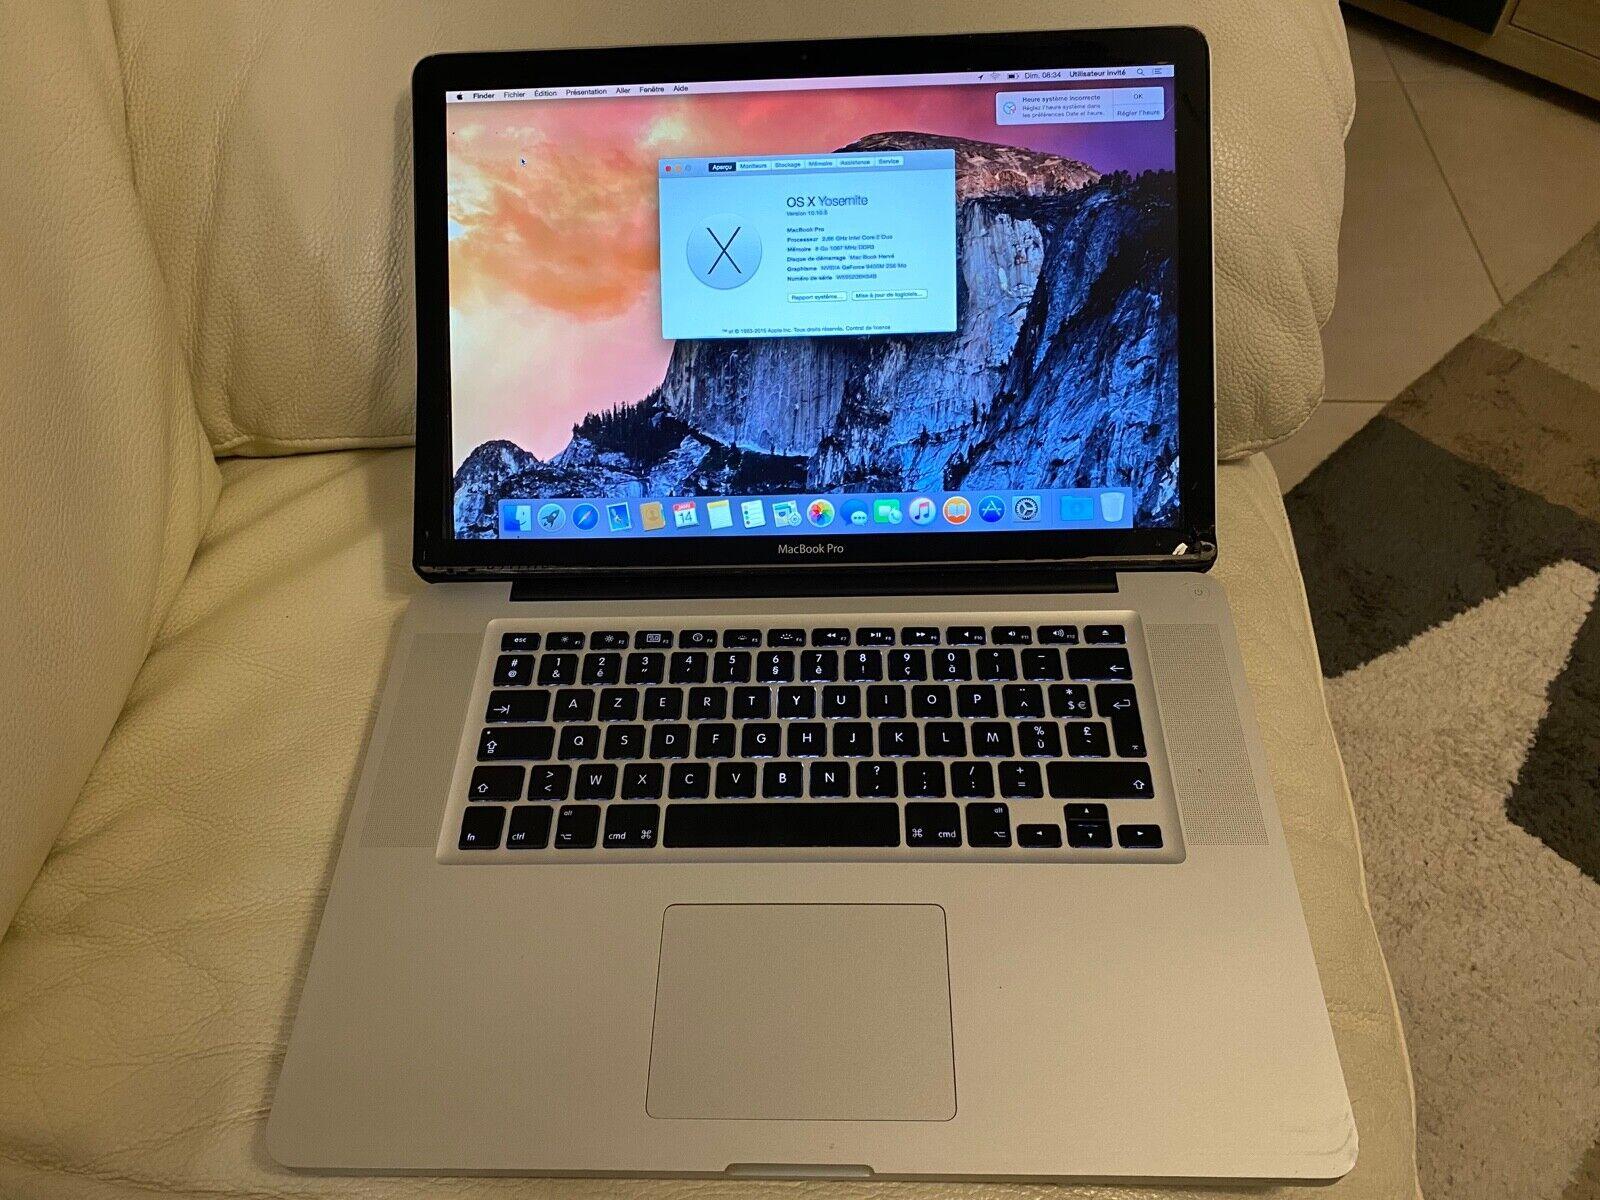 Macbook pro 15 pouces, mi-2009